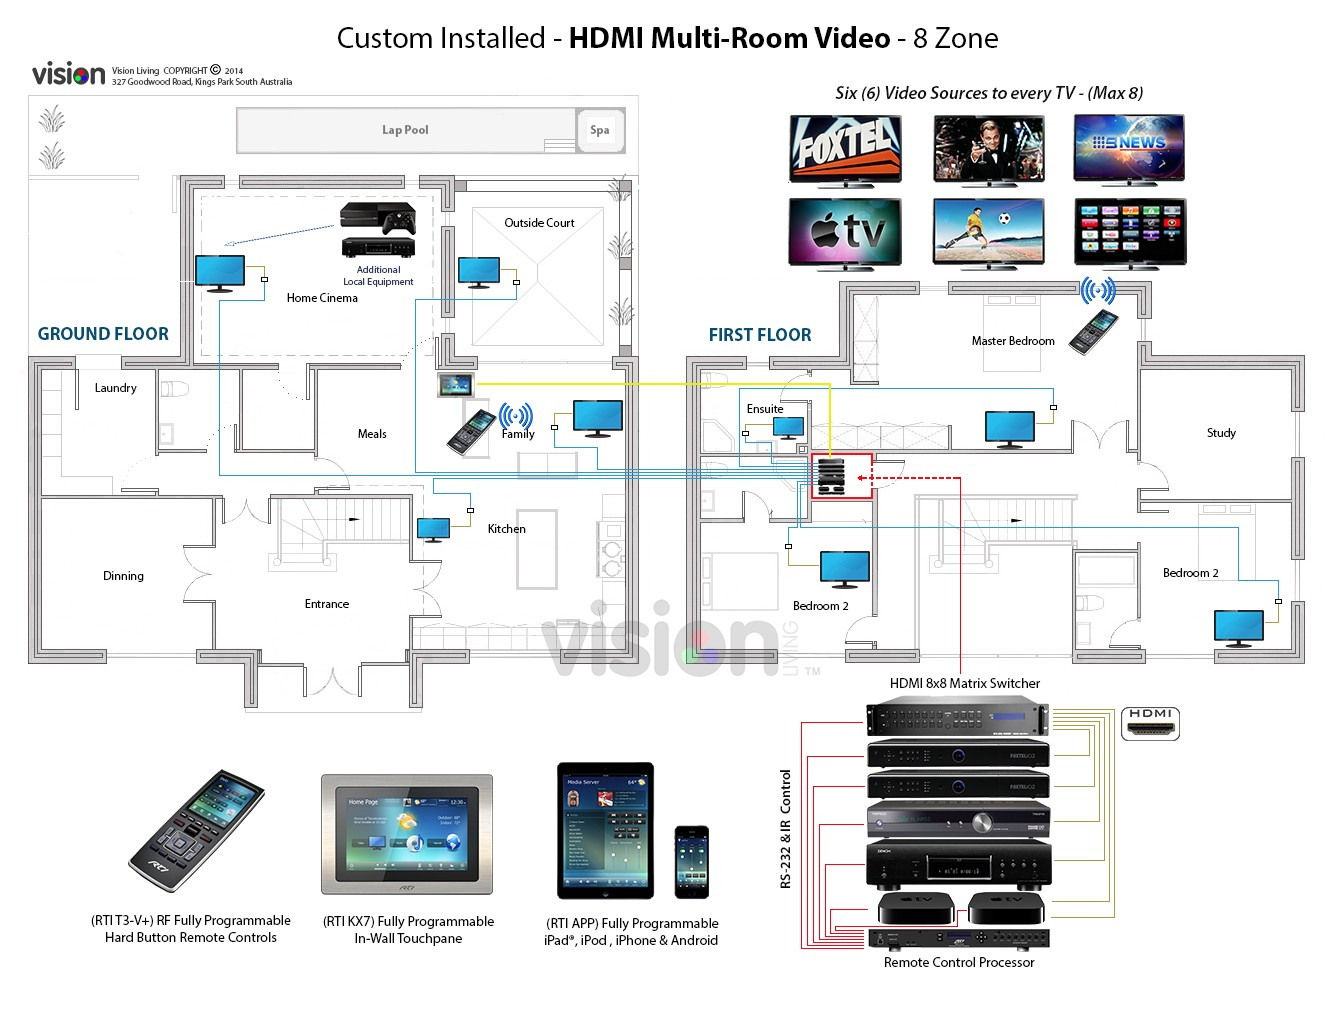 introducci n a los sistemas de audio video multiroom. Black Bedroom Furniture Sets. Home Design Ideas